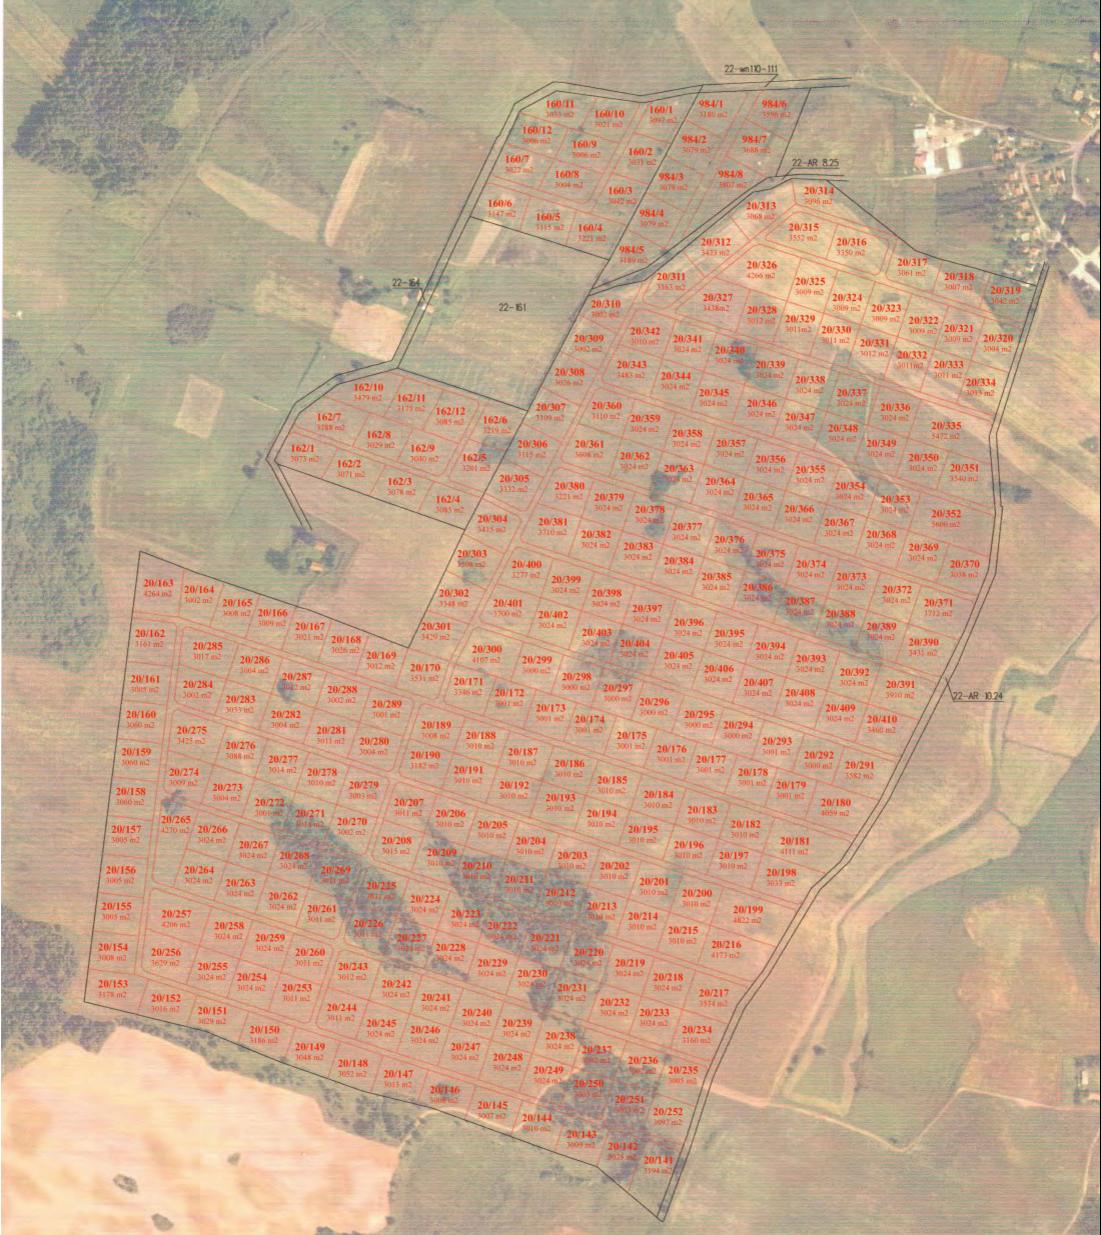 Ramsowo-I-mapa-kompleksu